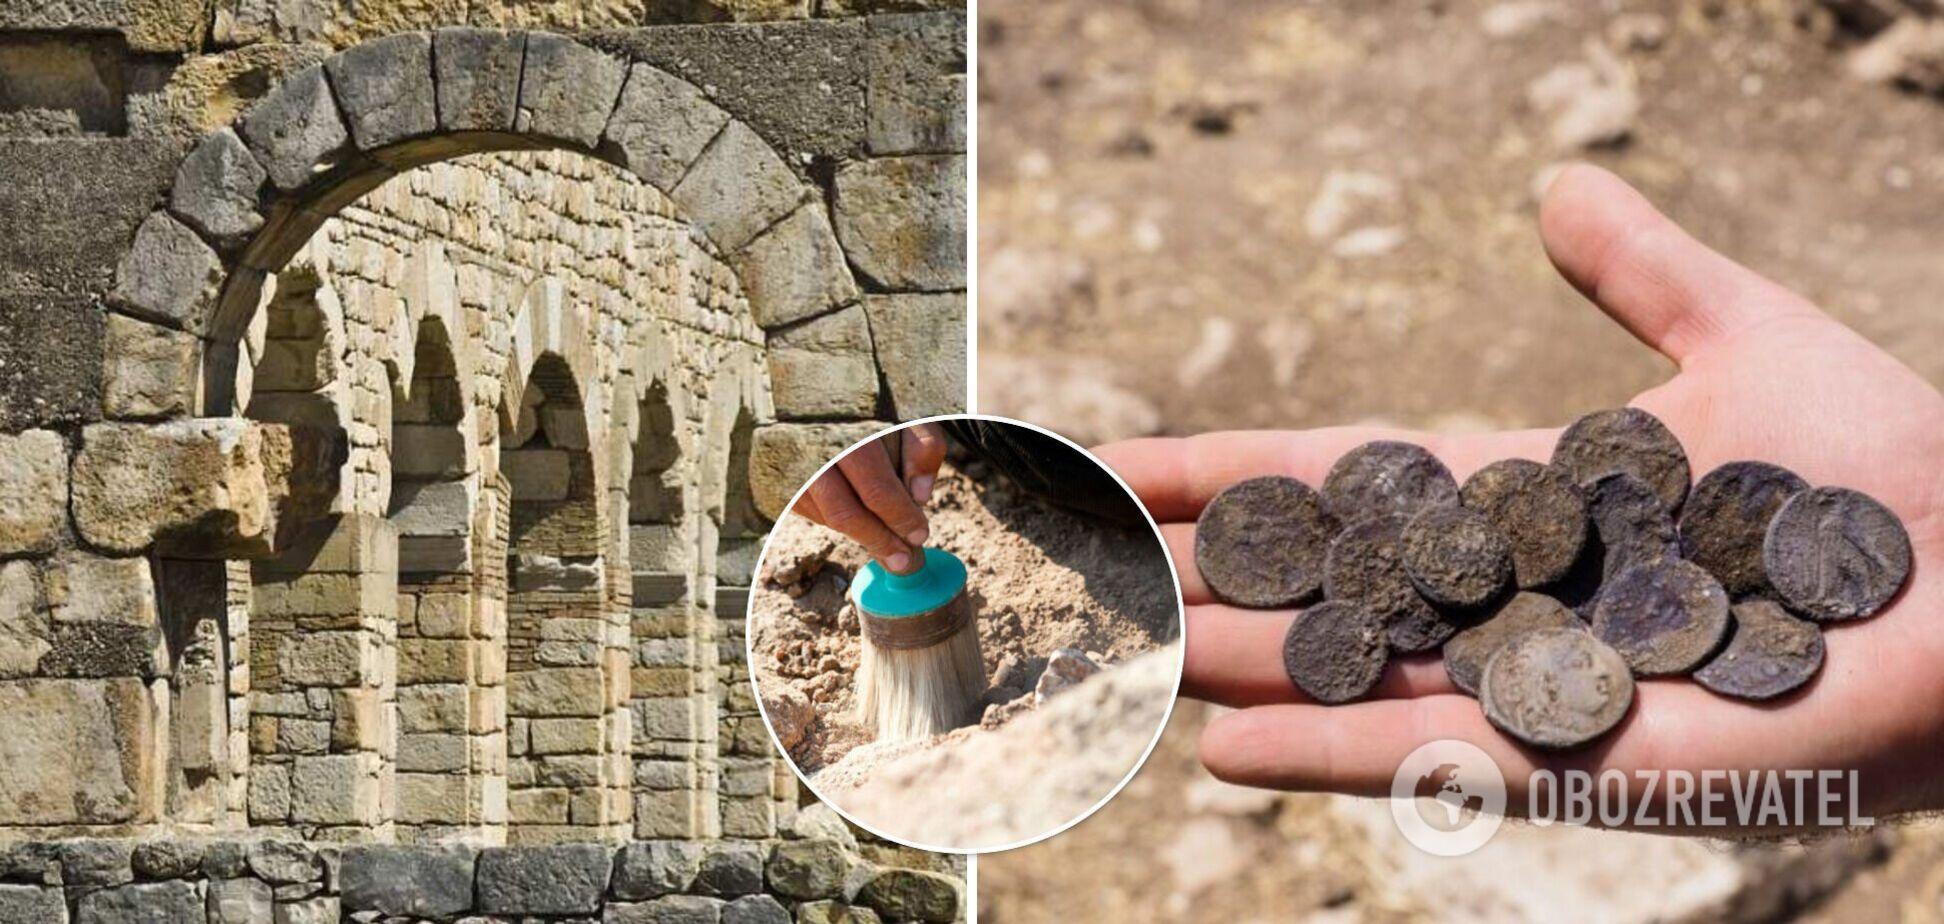 На ферме в Израиле обнаружили старинные монеты и комплекс тайных пещер. Фото